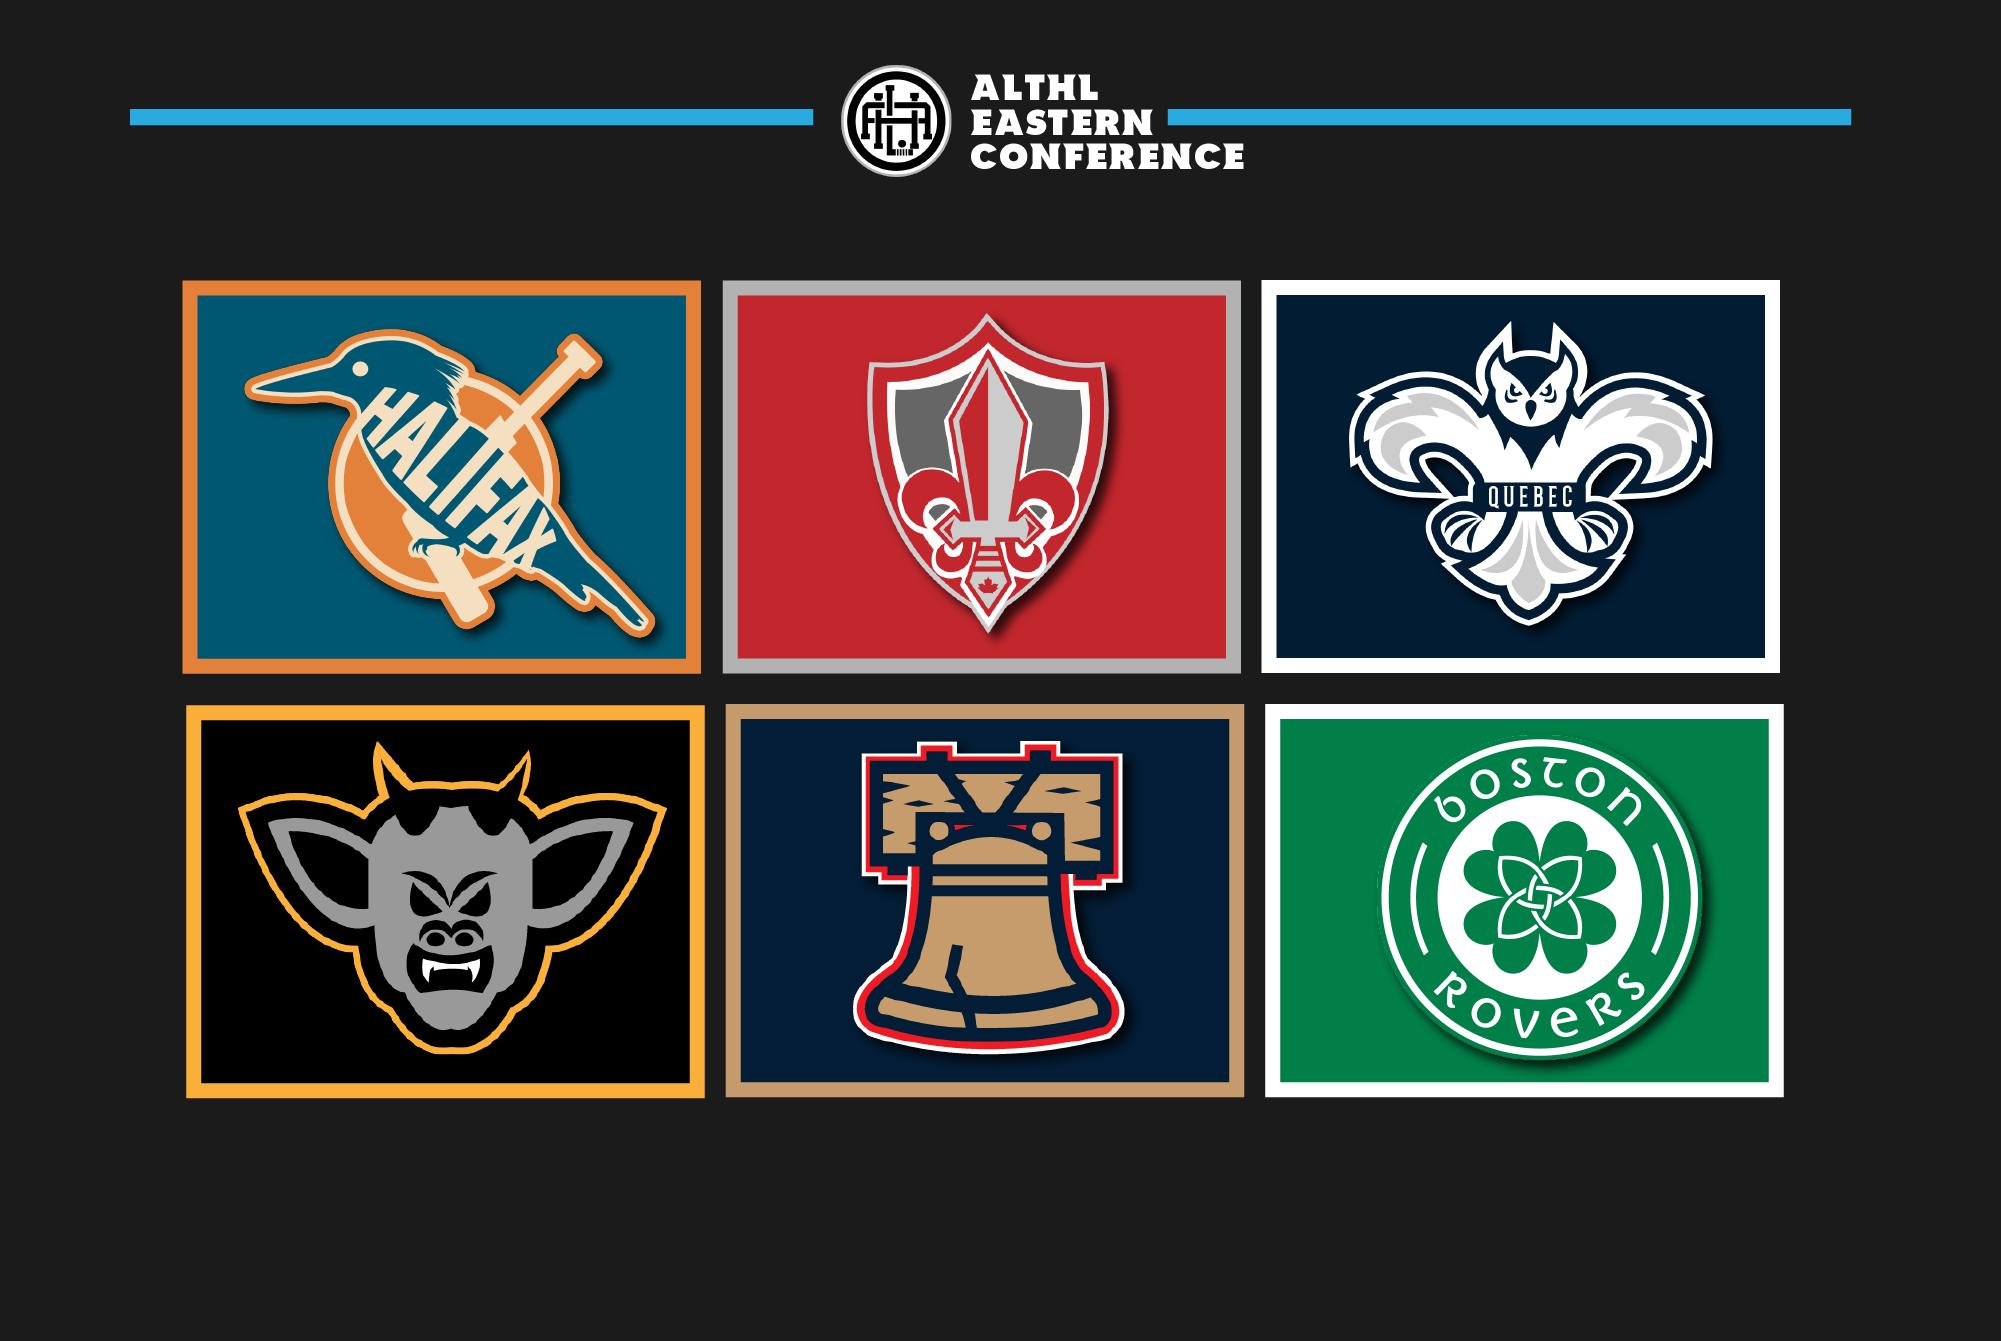 https://i.ibb.co/sV5GcBf/Alt-HL-East-Final-Logos.png